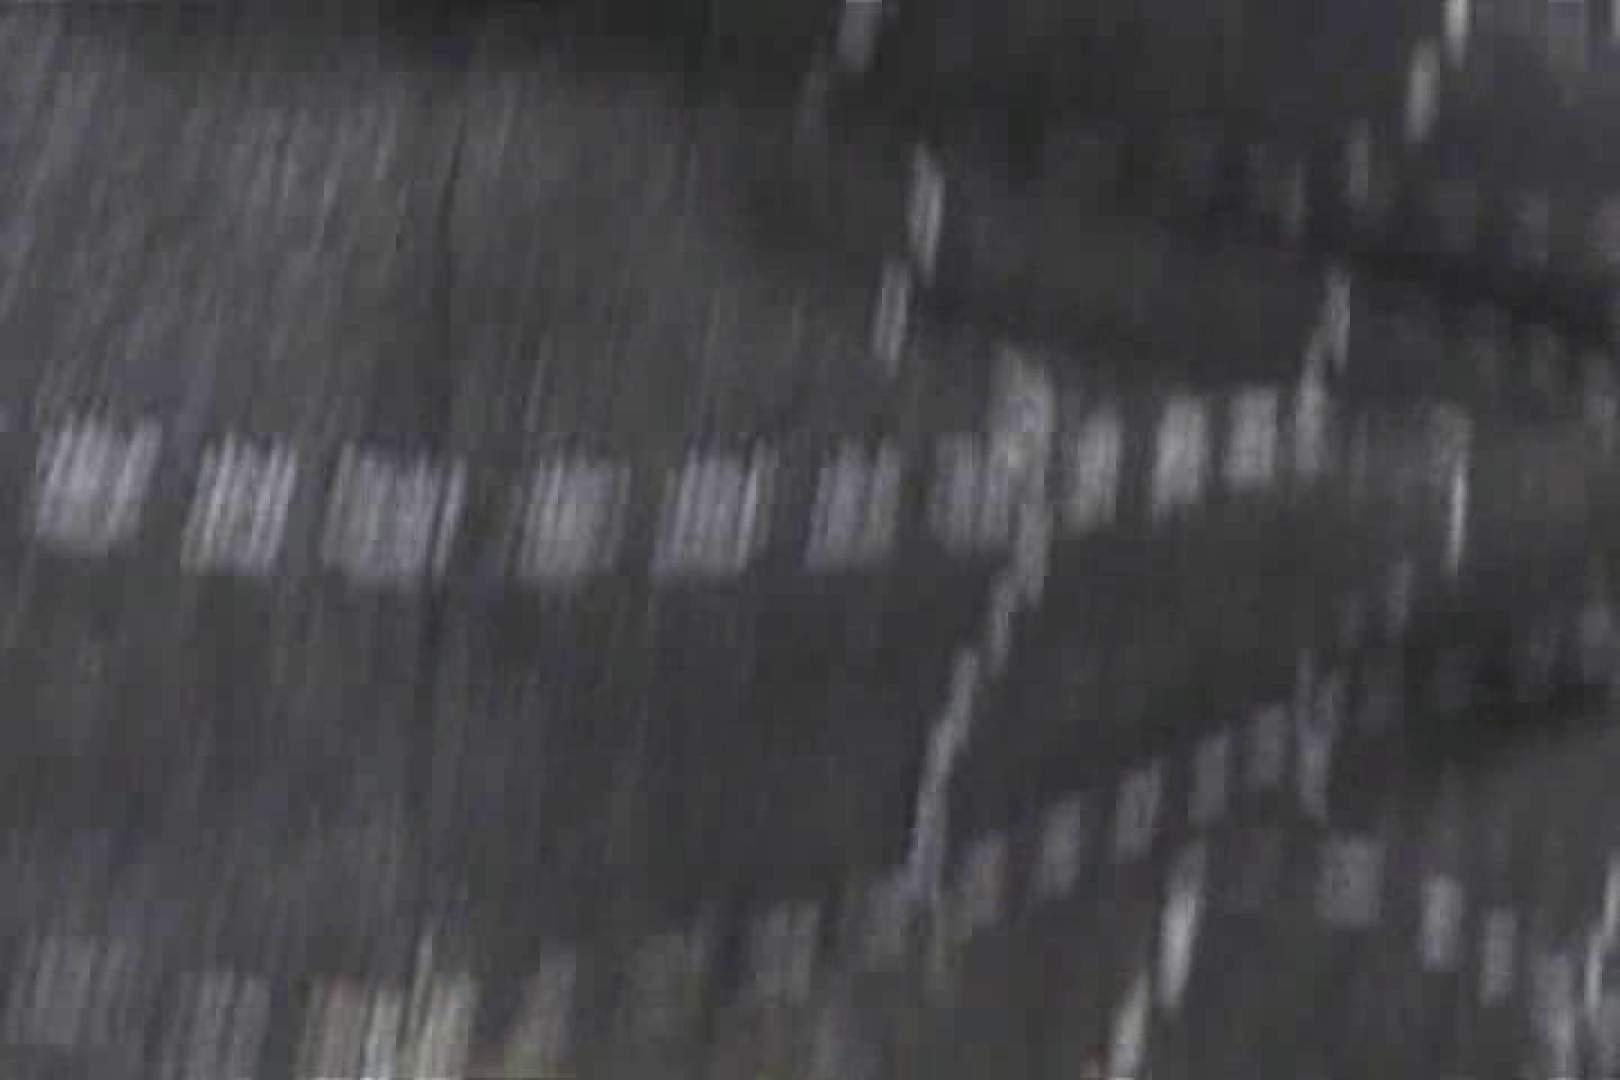 ぶっ掛け電車 只今運行中Vol.2 マンコ・ムレムレ われめAV動画紹介 83pic 63